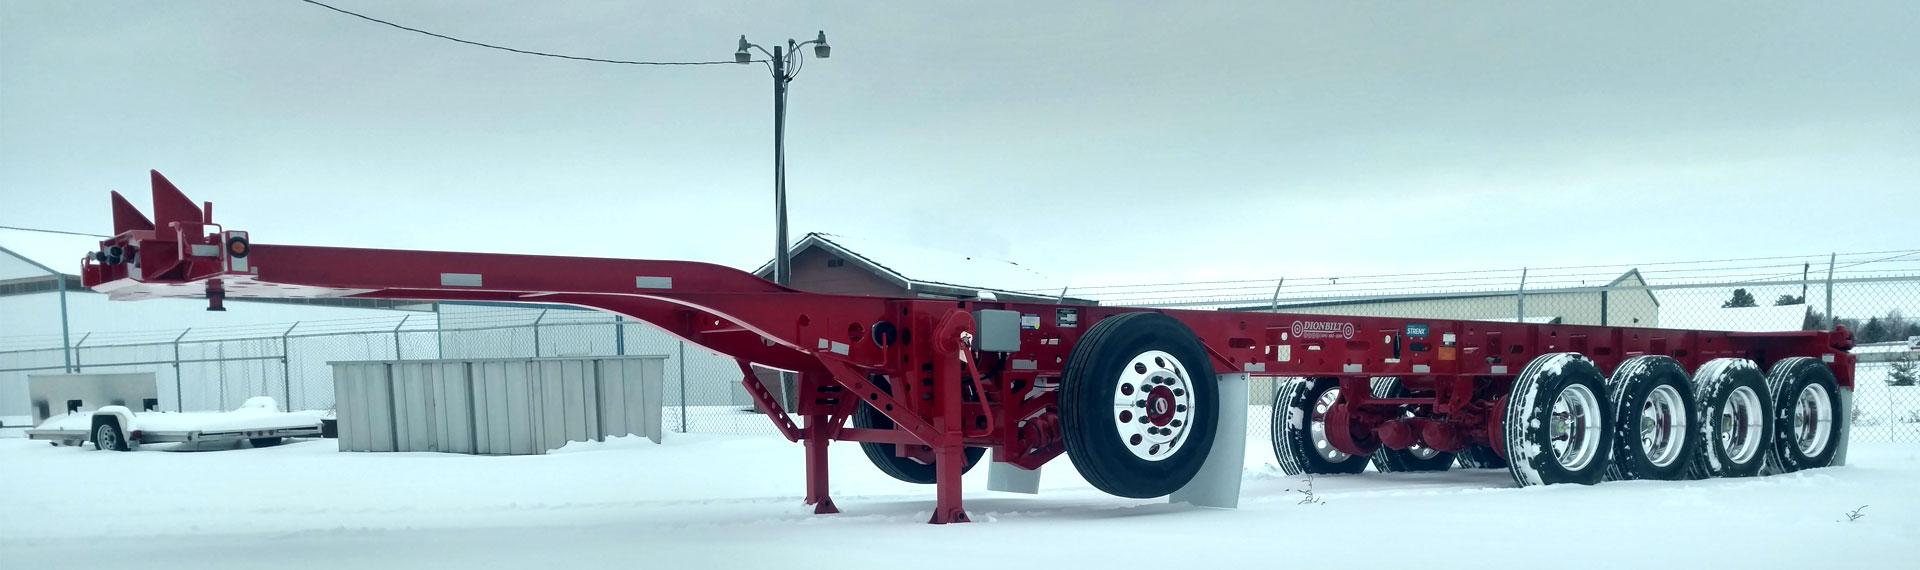 눈 덮인 대지에 세워져 있는 Strenx® 100 강재로 제작된 장축 경량형 트레일러 섀시